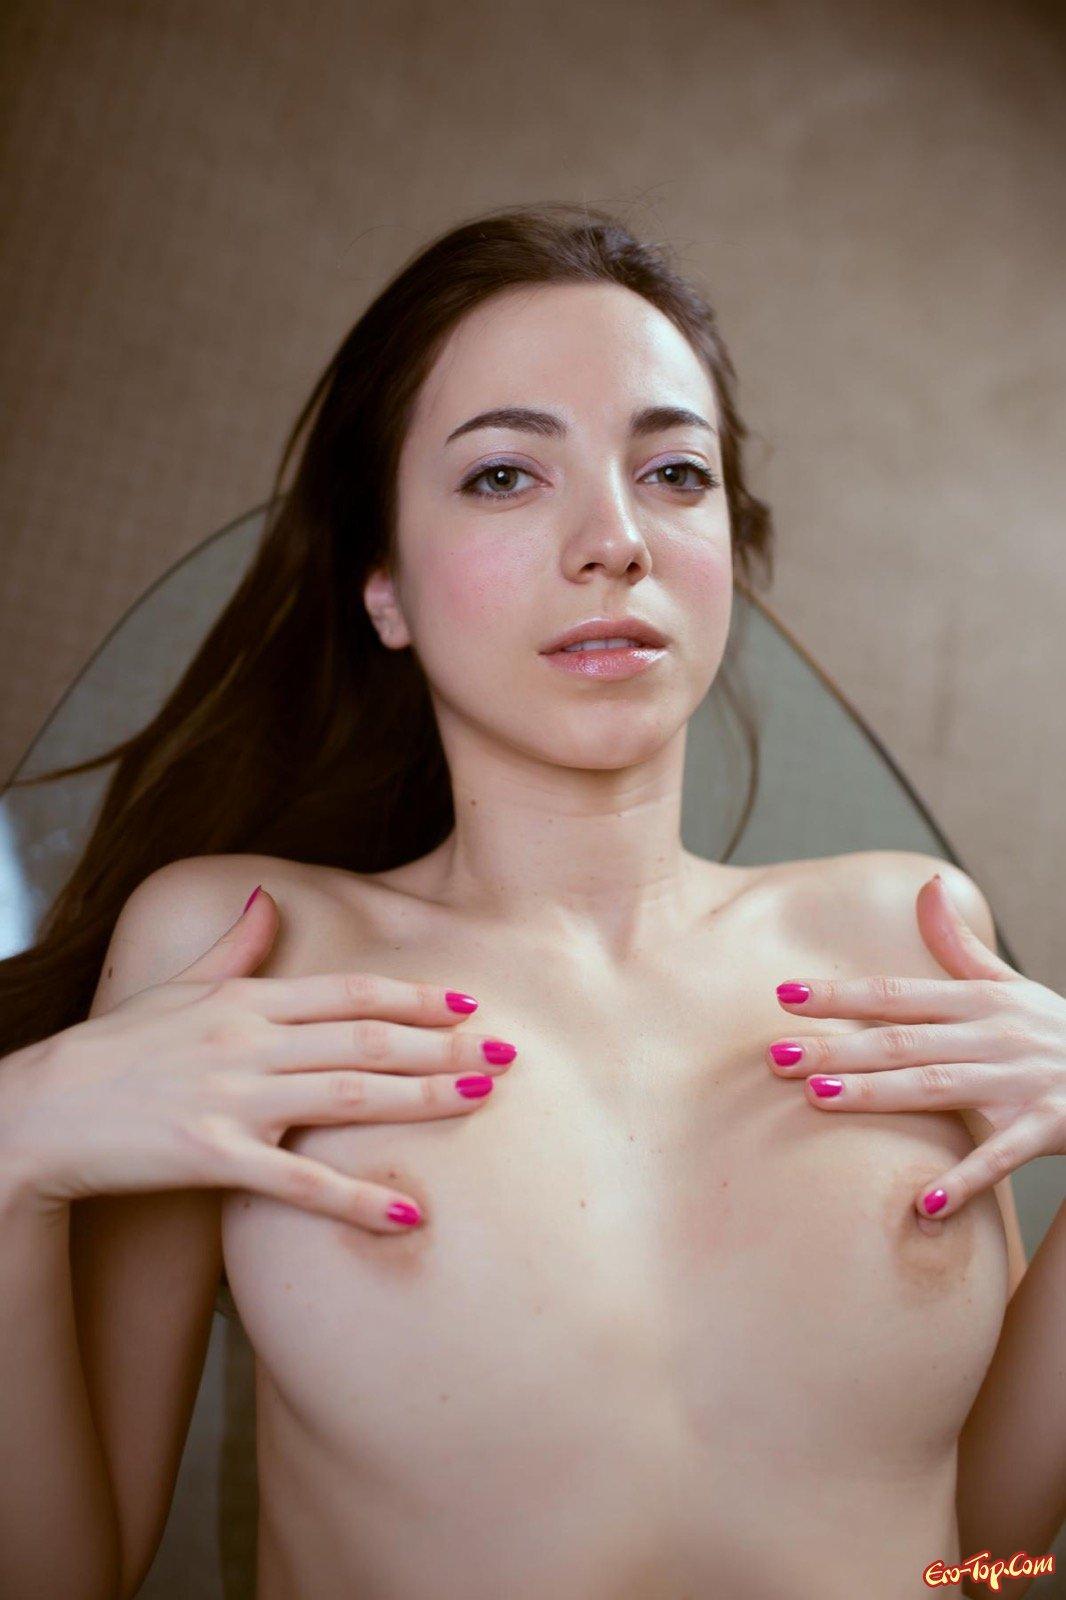 Голенькая девушка с красивым упругим телом